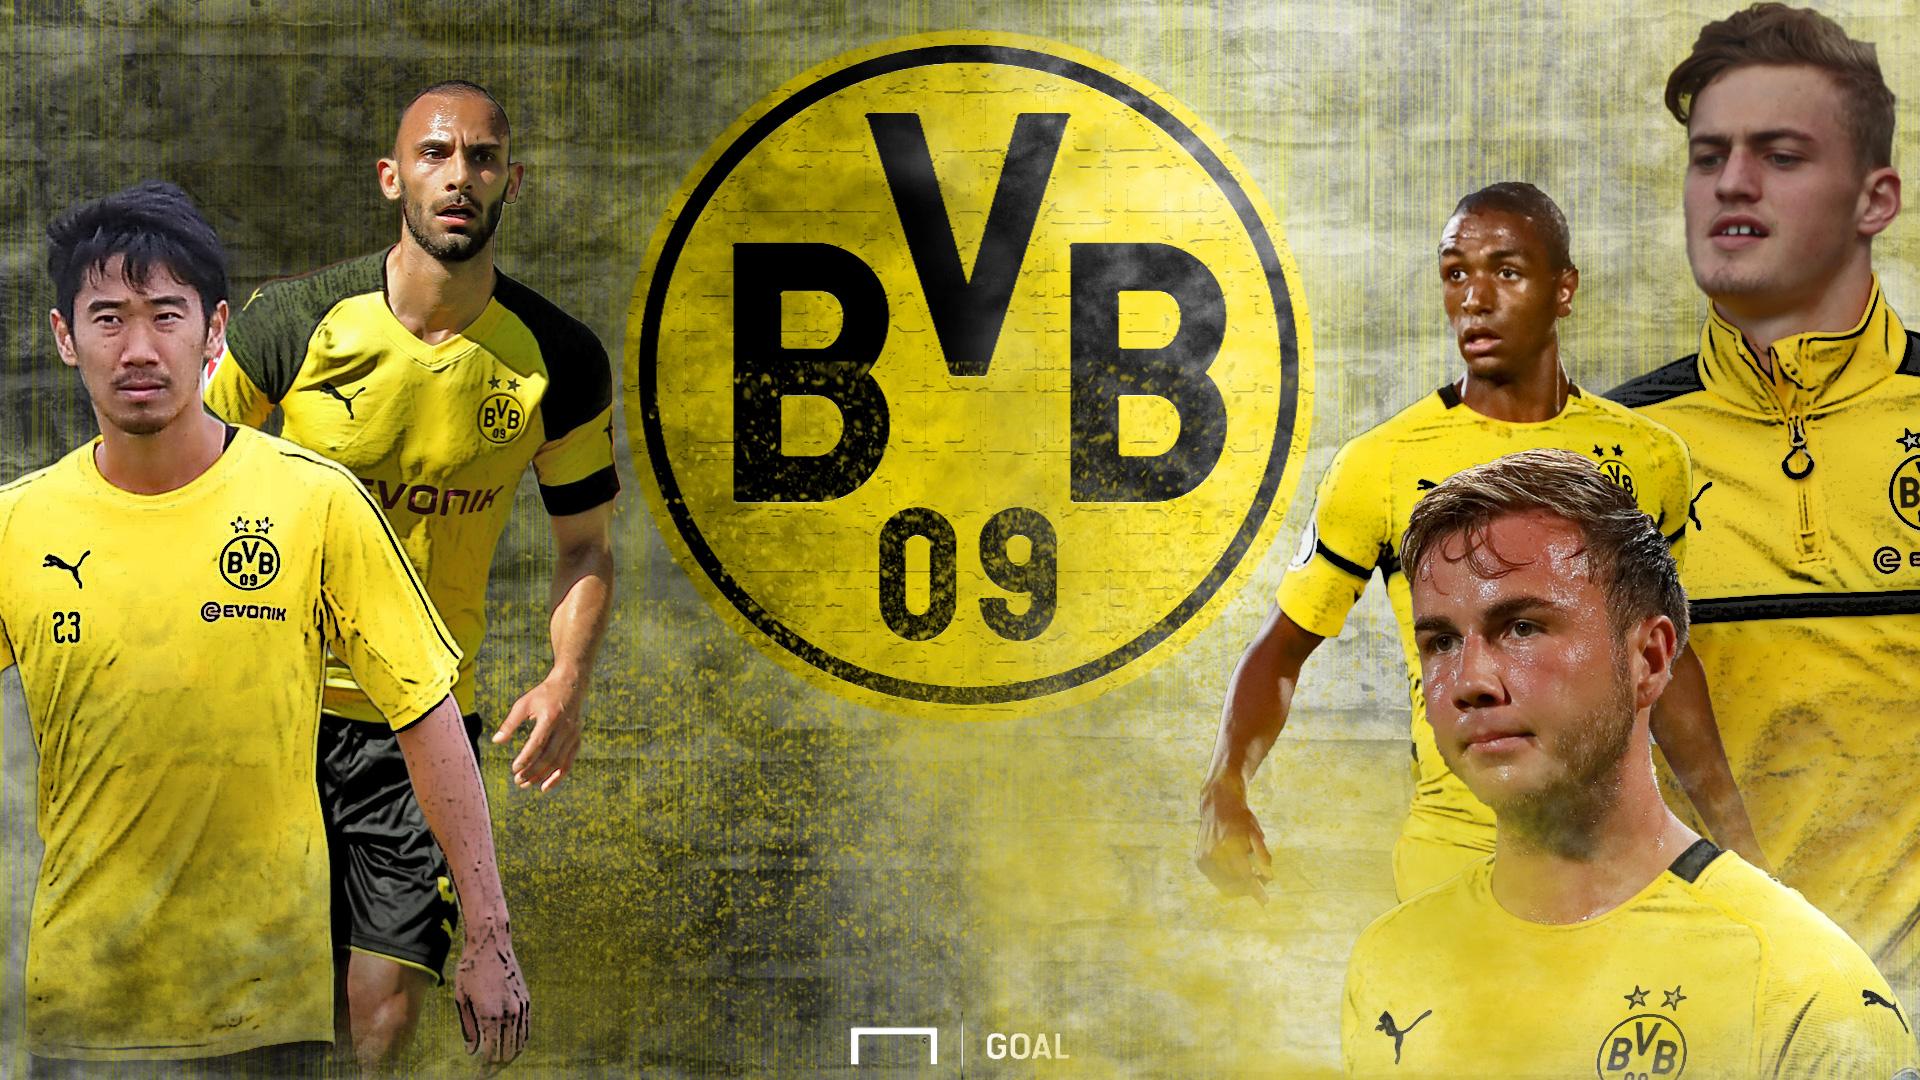 BVB mit Rekordumsatz und Gewinnsprung - Spielerverkäufe helfen